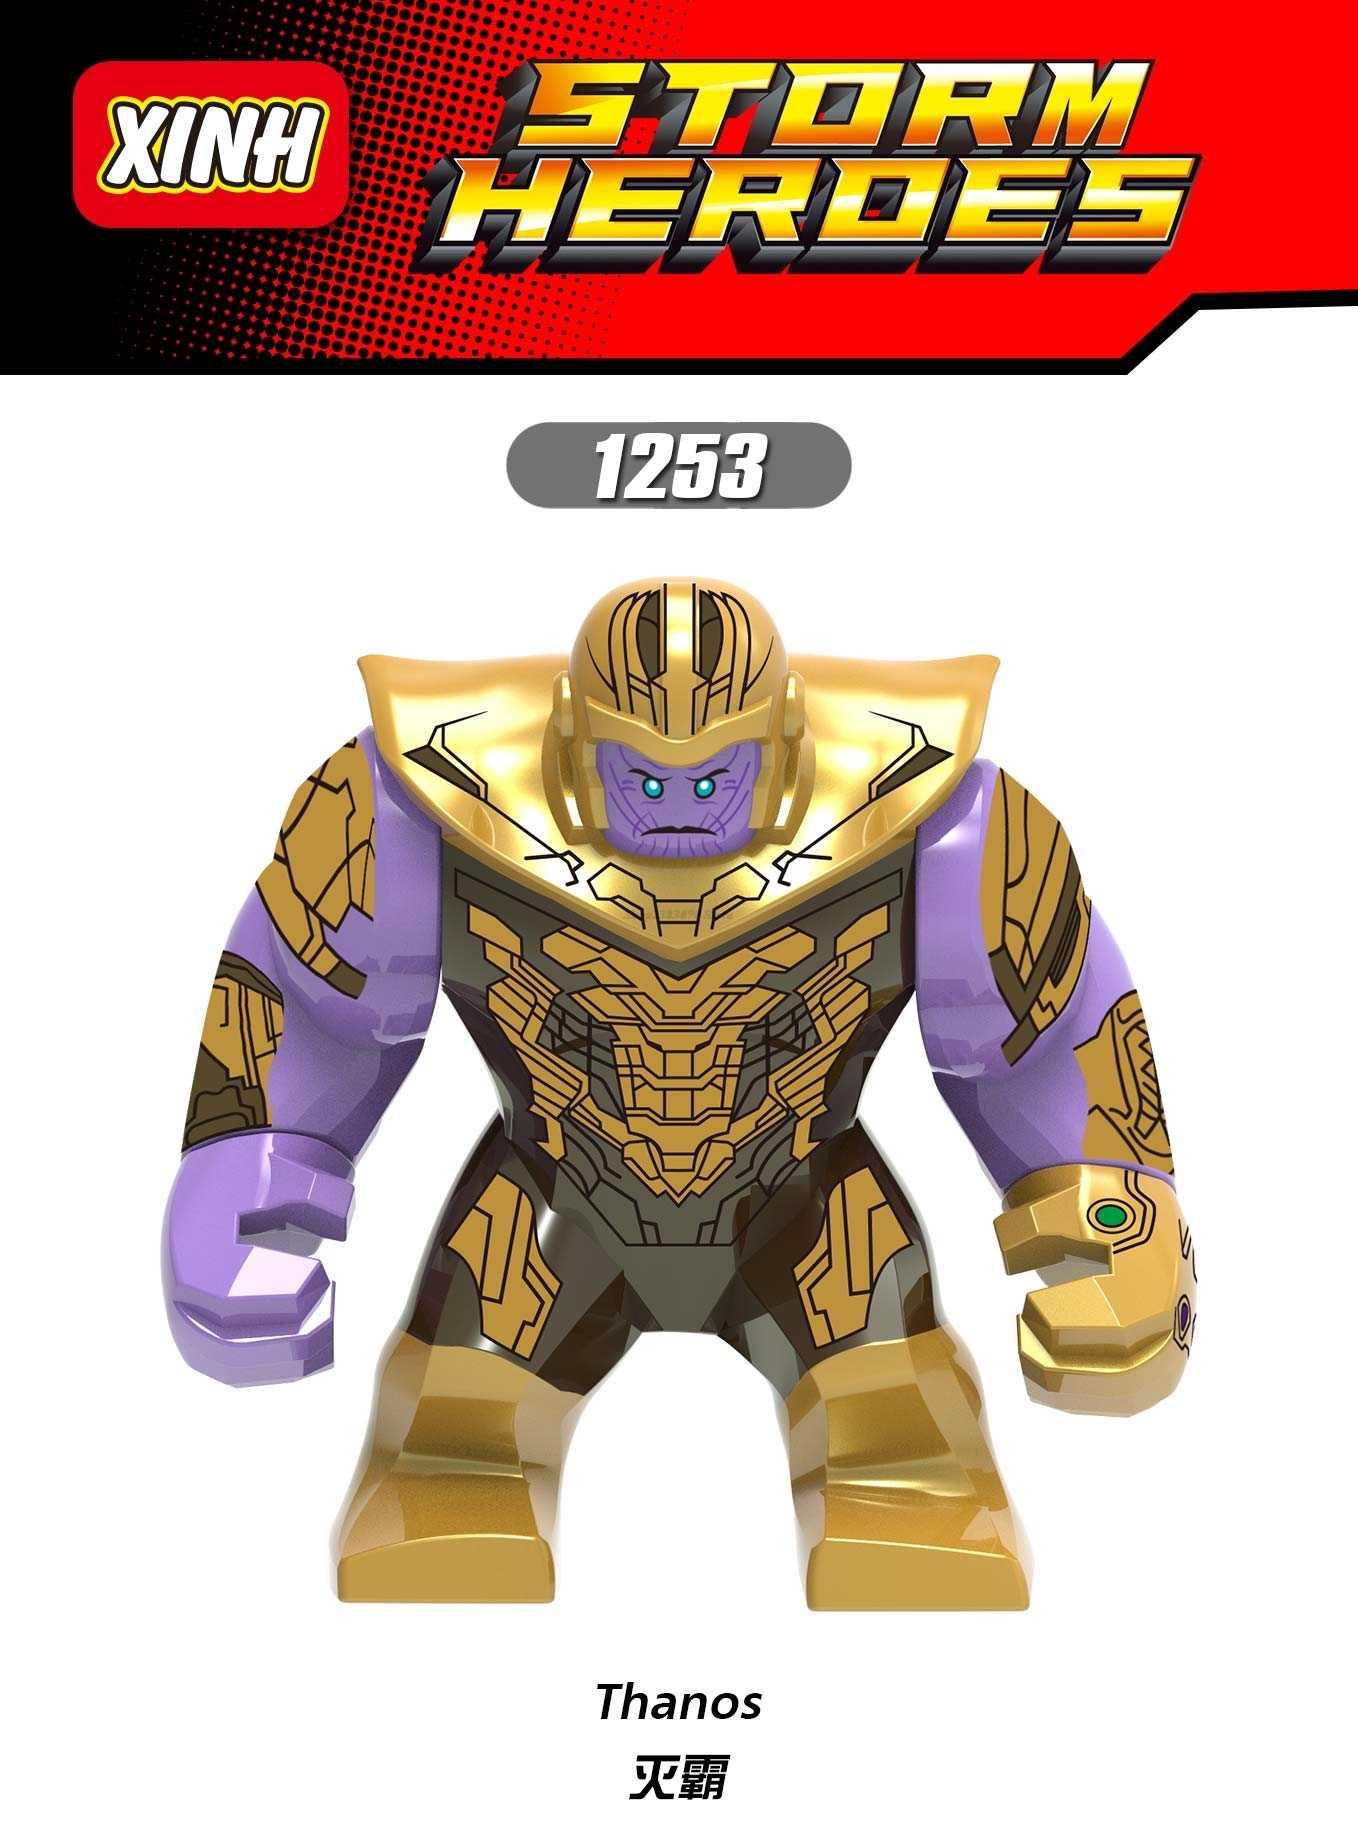 Legoing Hulk Marvel Thanos 4 Vingadores Super Heroes Batman homem Aranha Homem De Ferro Capitão América Figuras de Blocos de Construção de Brinquedos Presentes